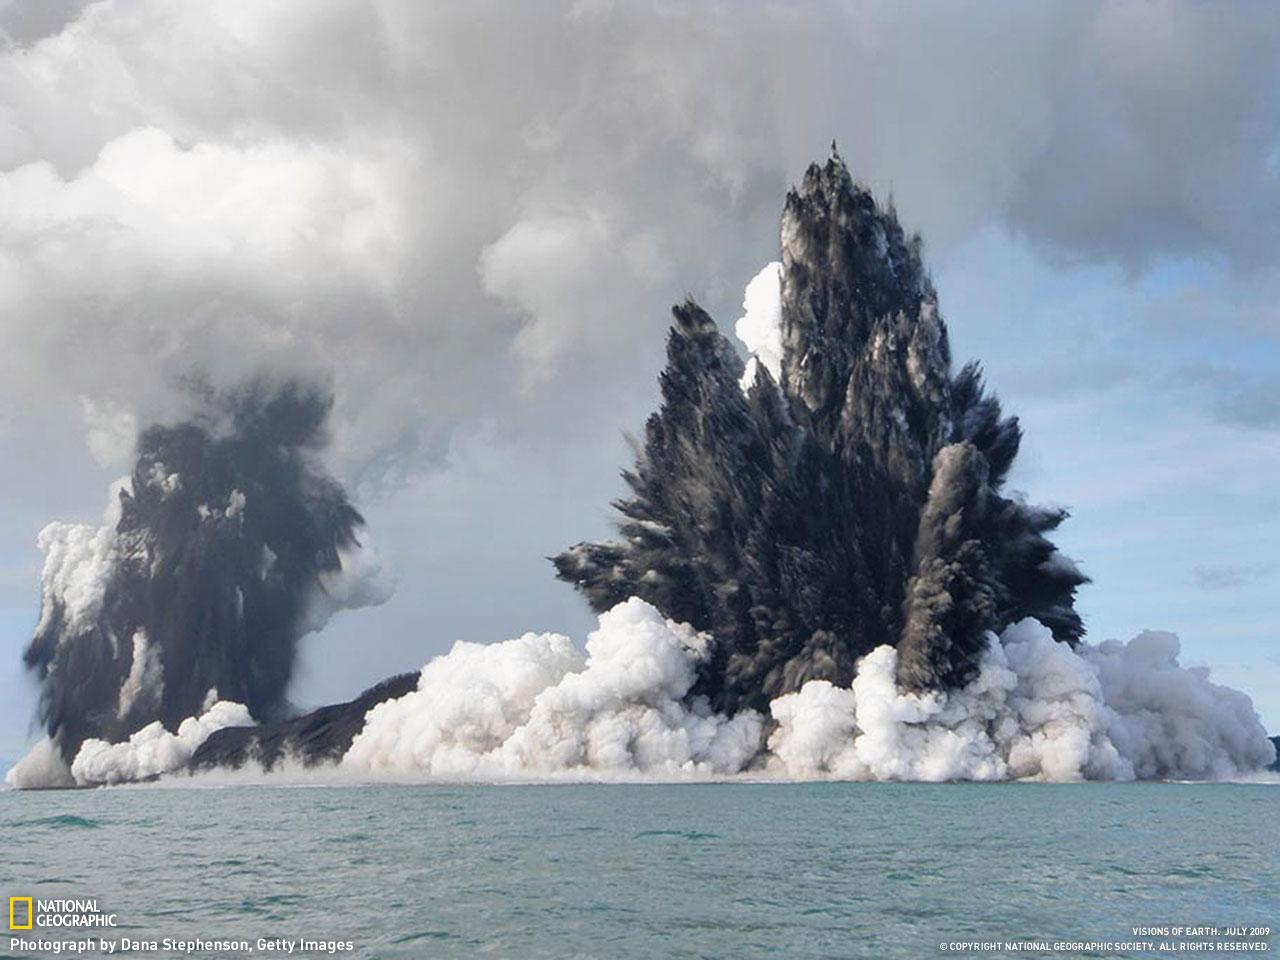 презентации о вулканах скачать бесплатно